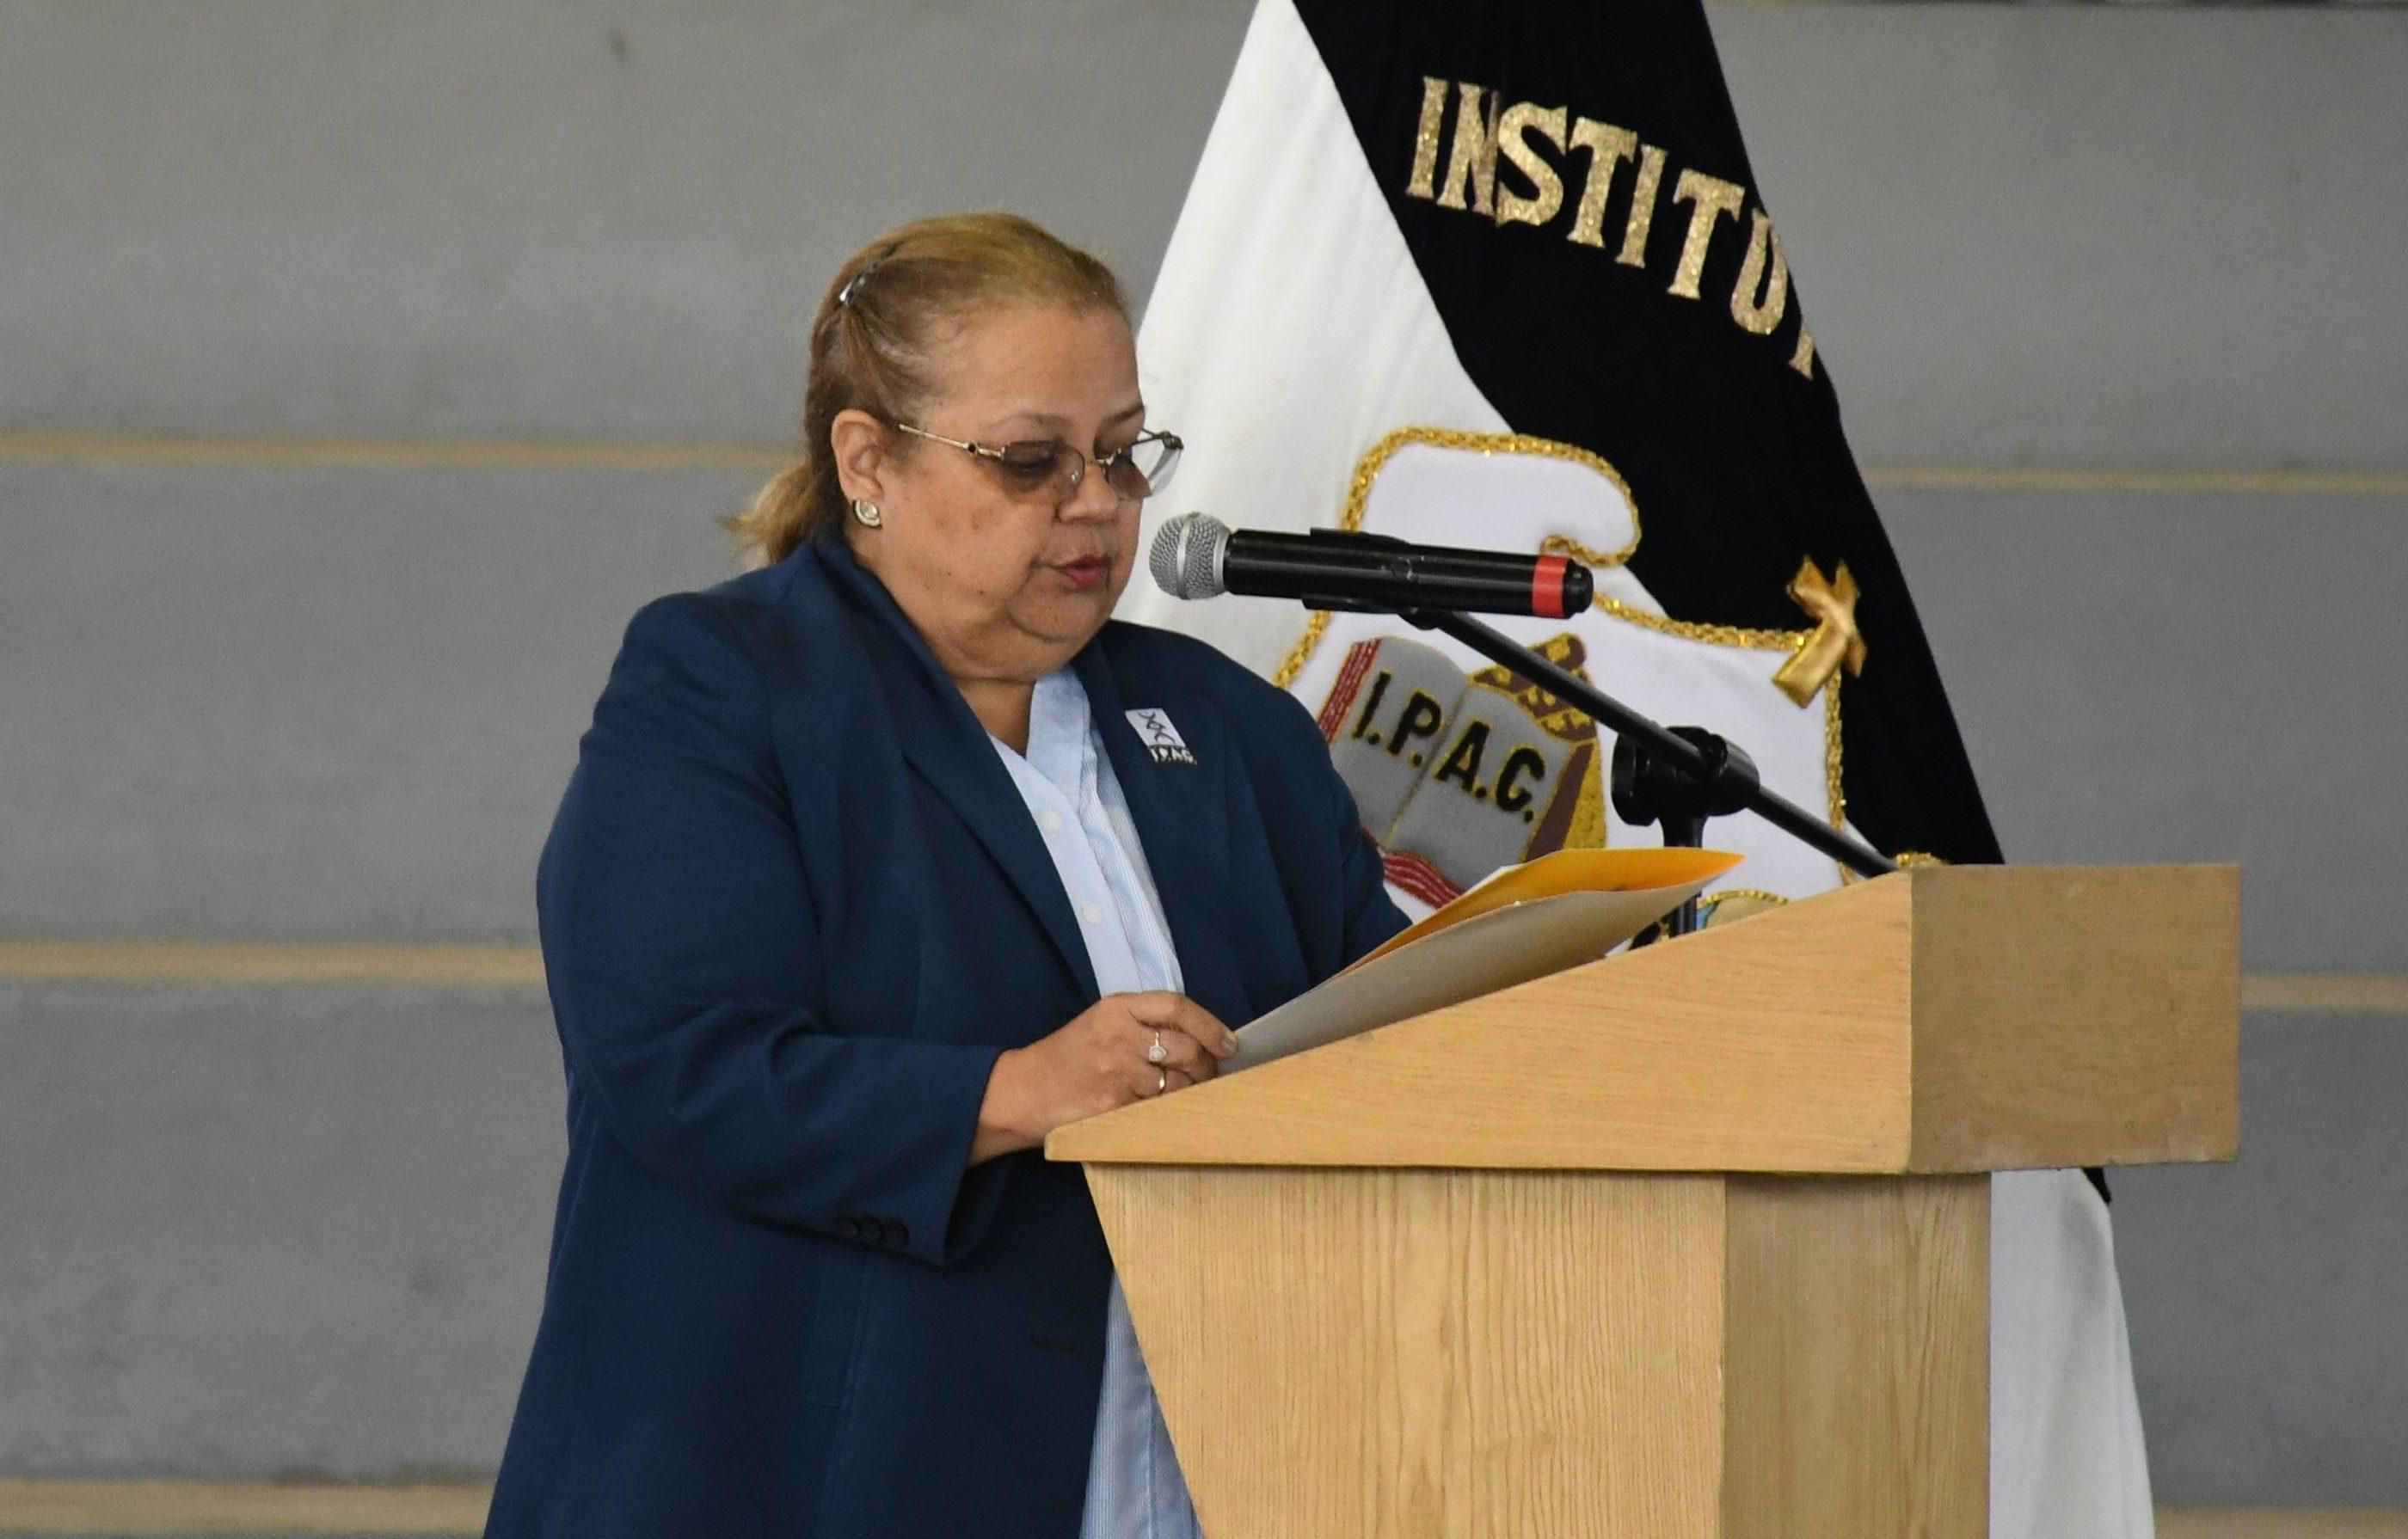 Juramento Colectivo a cargo de la Dra. Patricia Zeas - Rectora